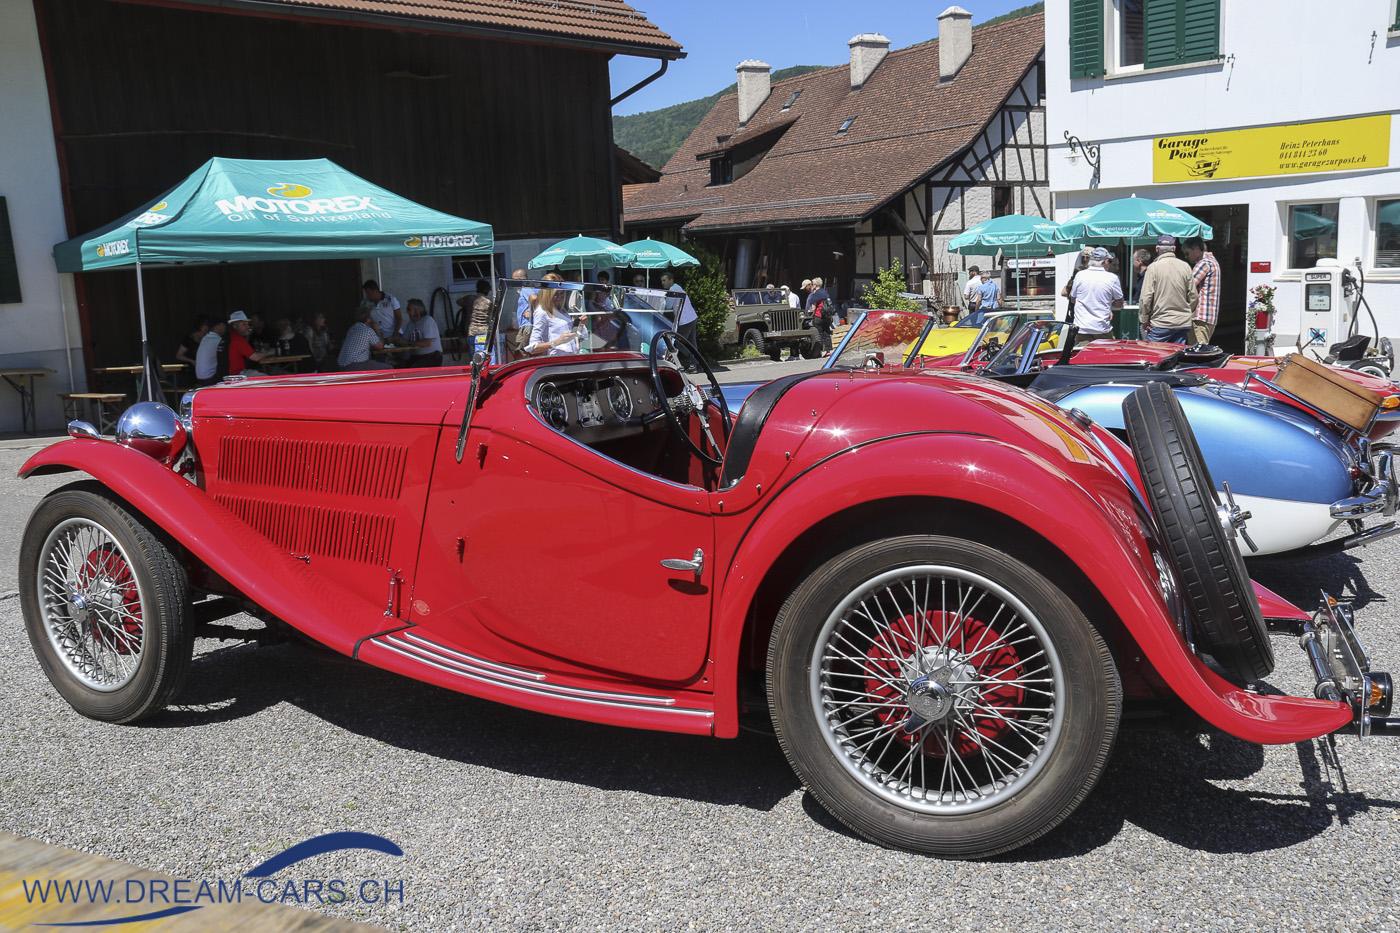 Oldtimertreffen in Boppelsen, 2. Juni 2019. Ein MG TD mit einer Karosserie von Hänni, Zürich